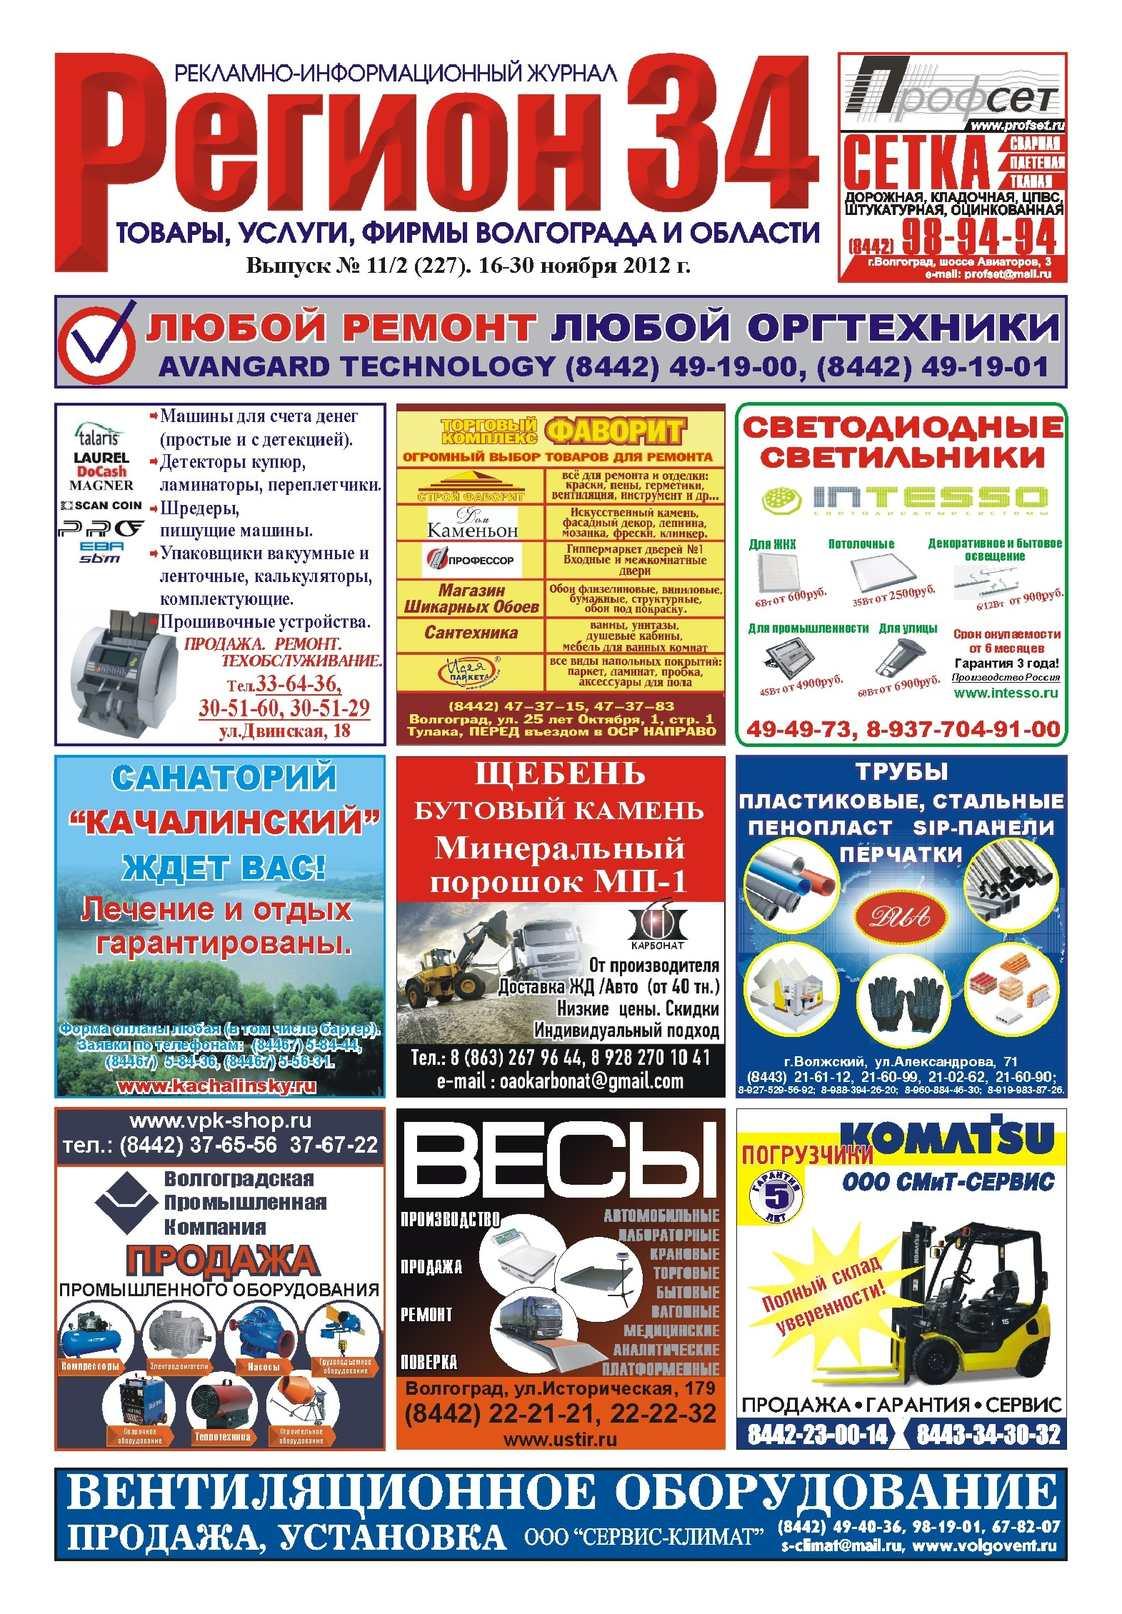 Уплотнения теплообменника Теплохит ТИ P05 Сергиев Посад